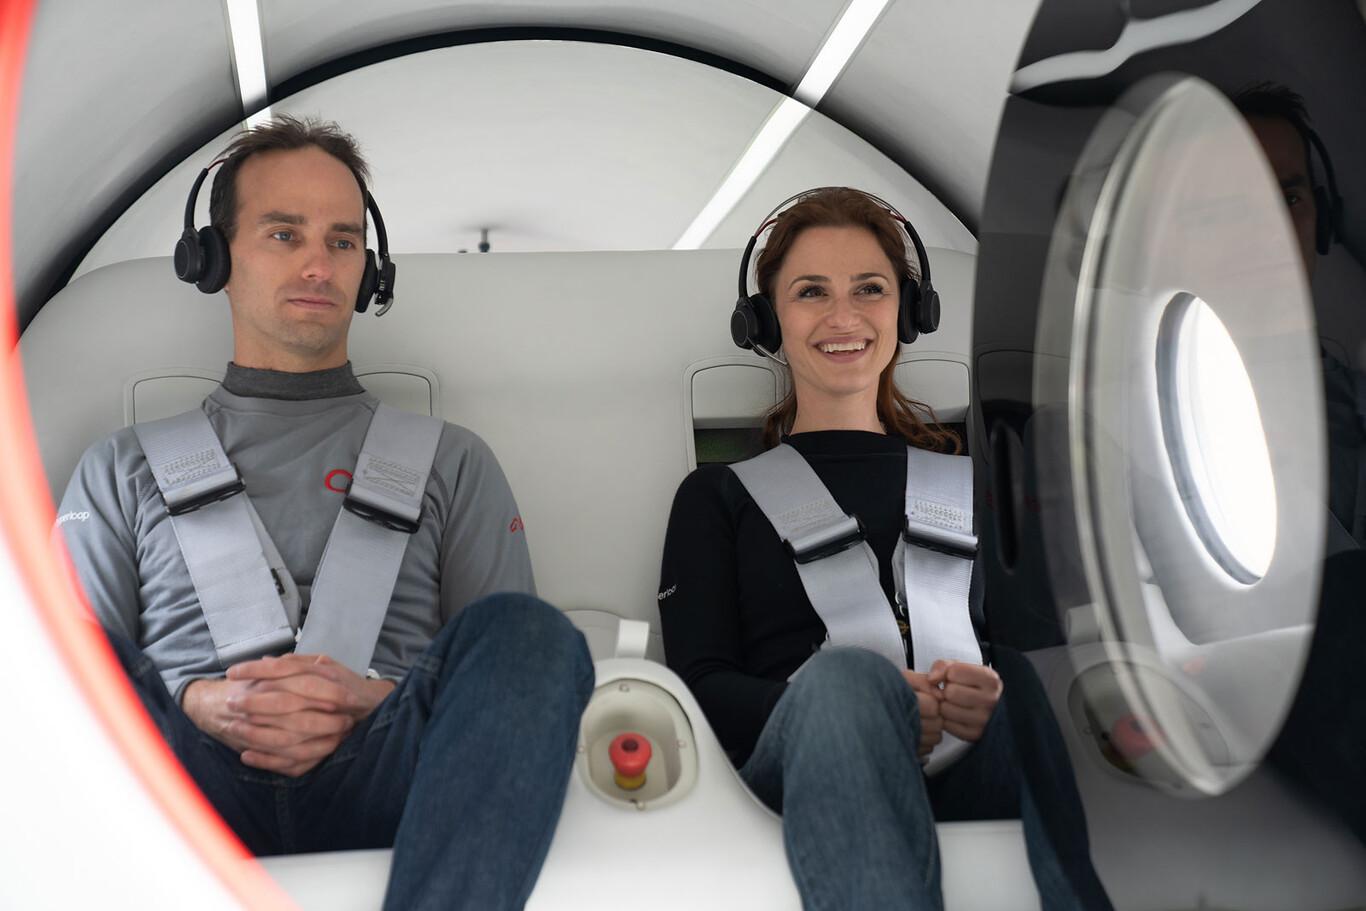 Virgin Hyperloop realiza su primer viaje con pasajeros con éxito 2